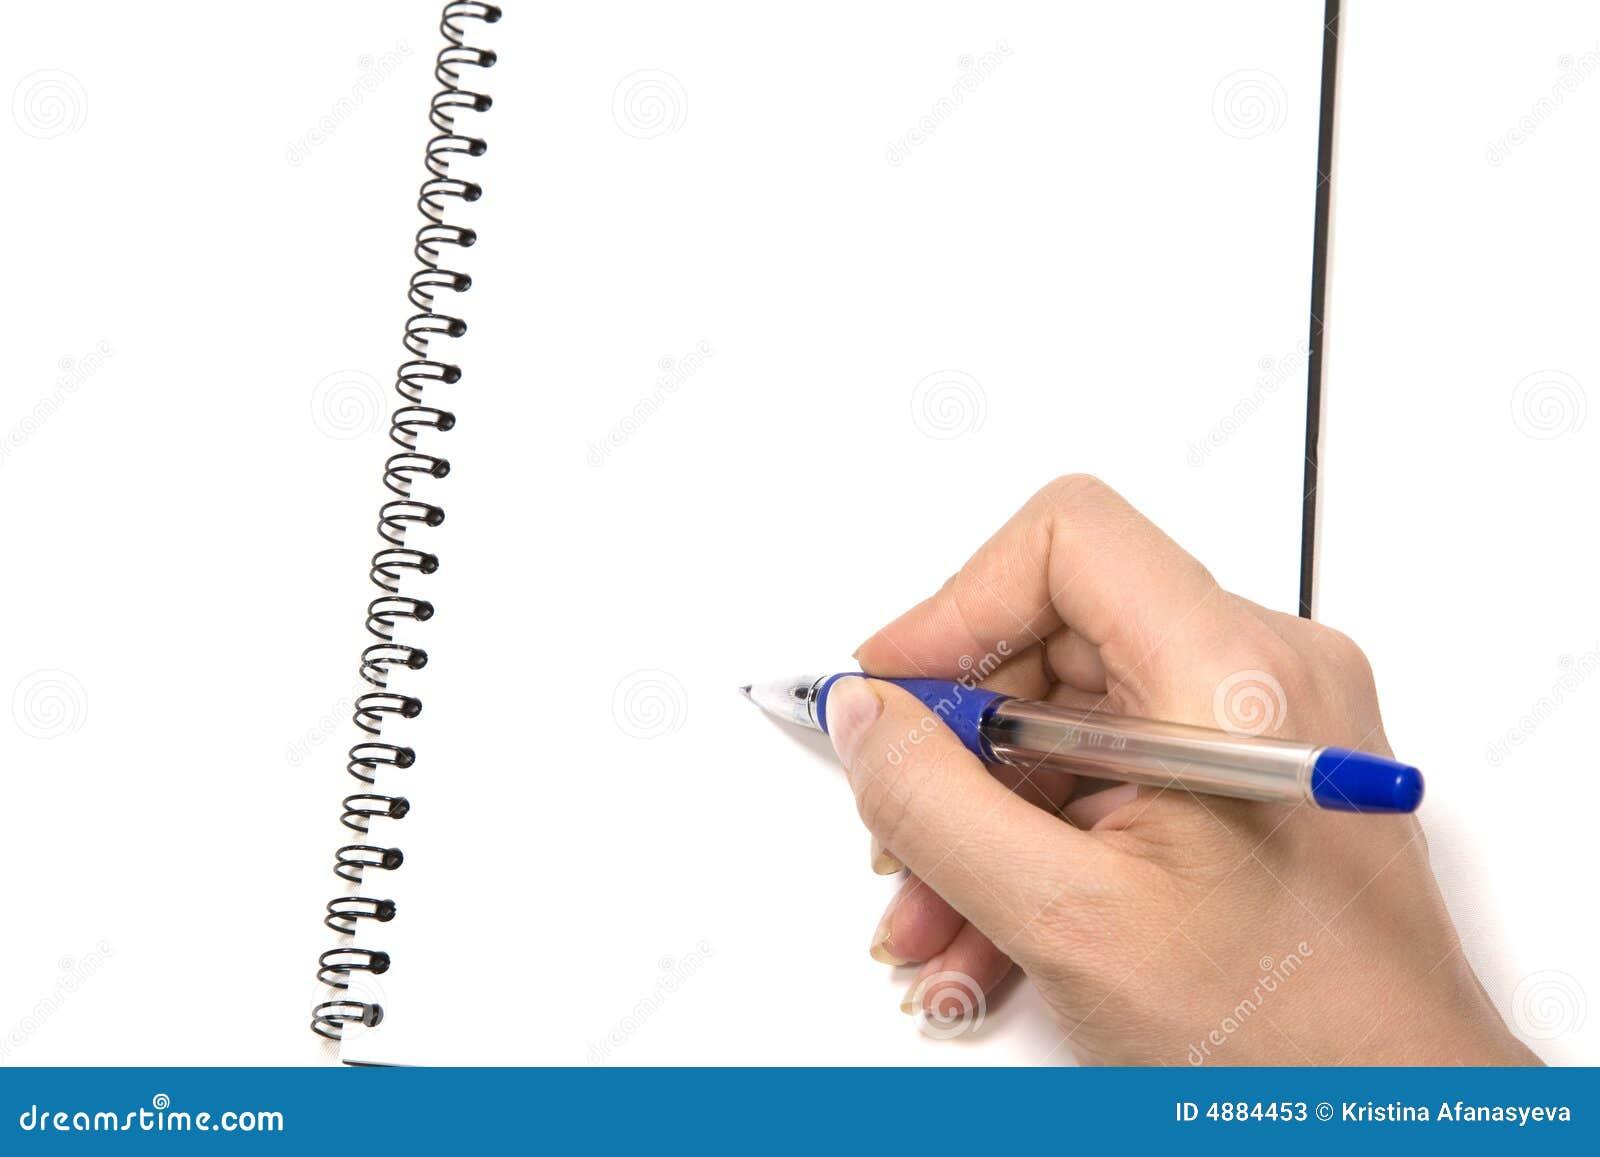 notepad writing stock photos